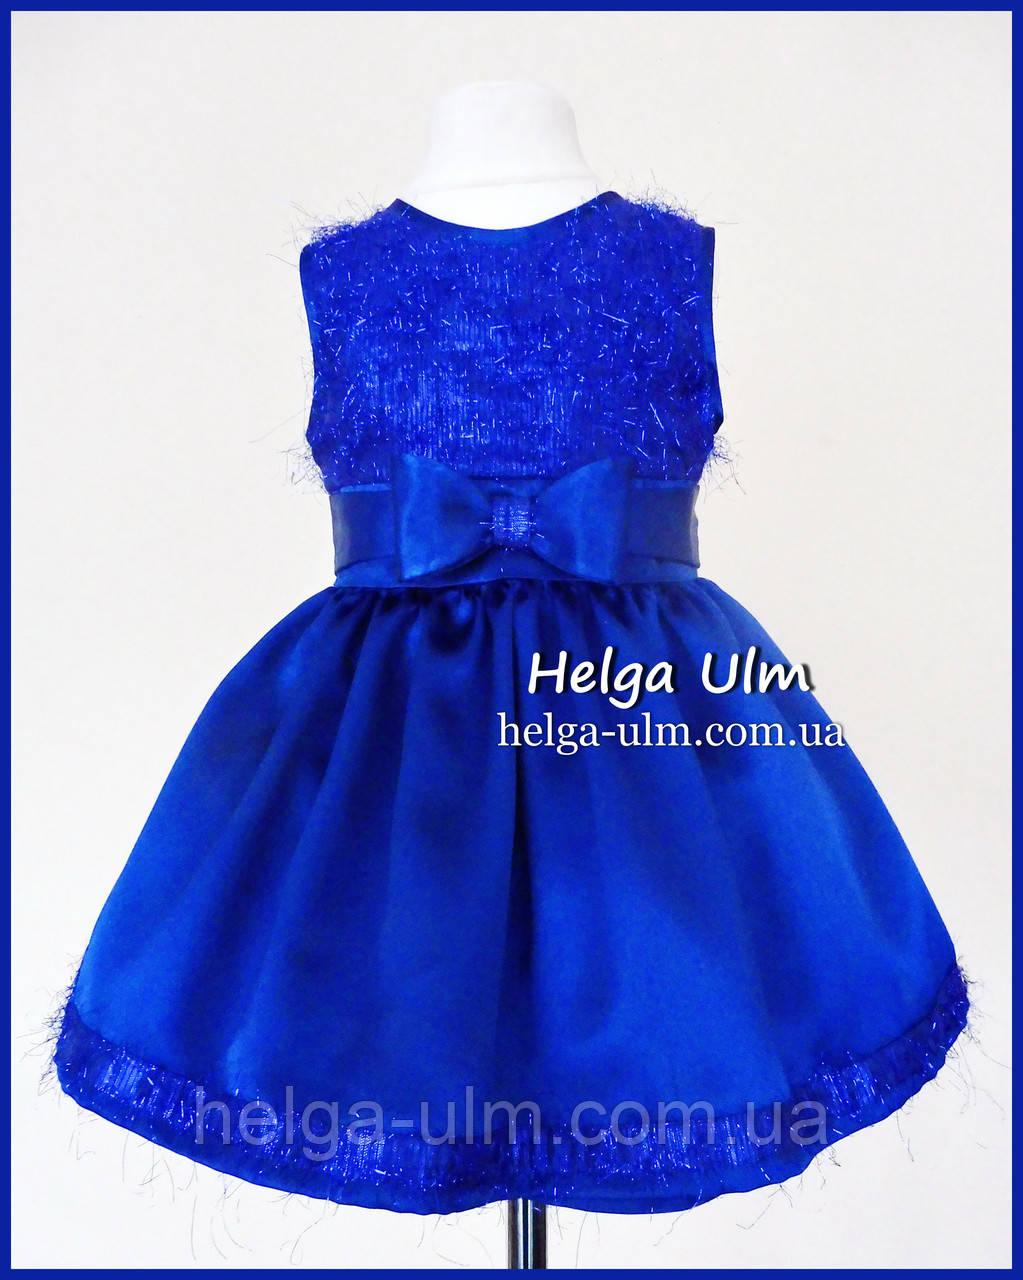 """Сукня для дівчинки """"Мушка"""", на замовлення 134 р."""